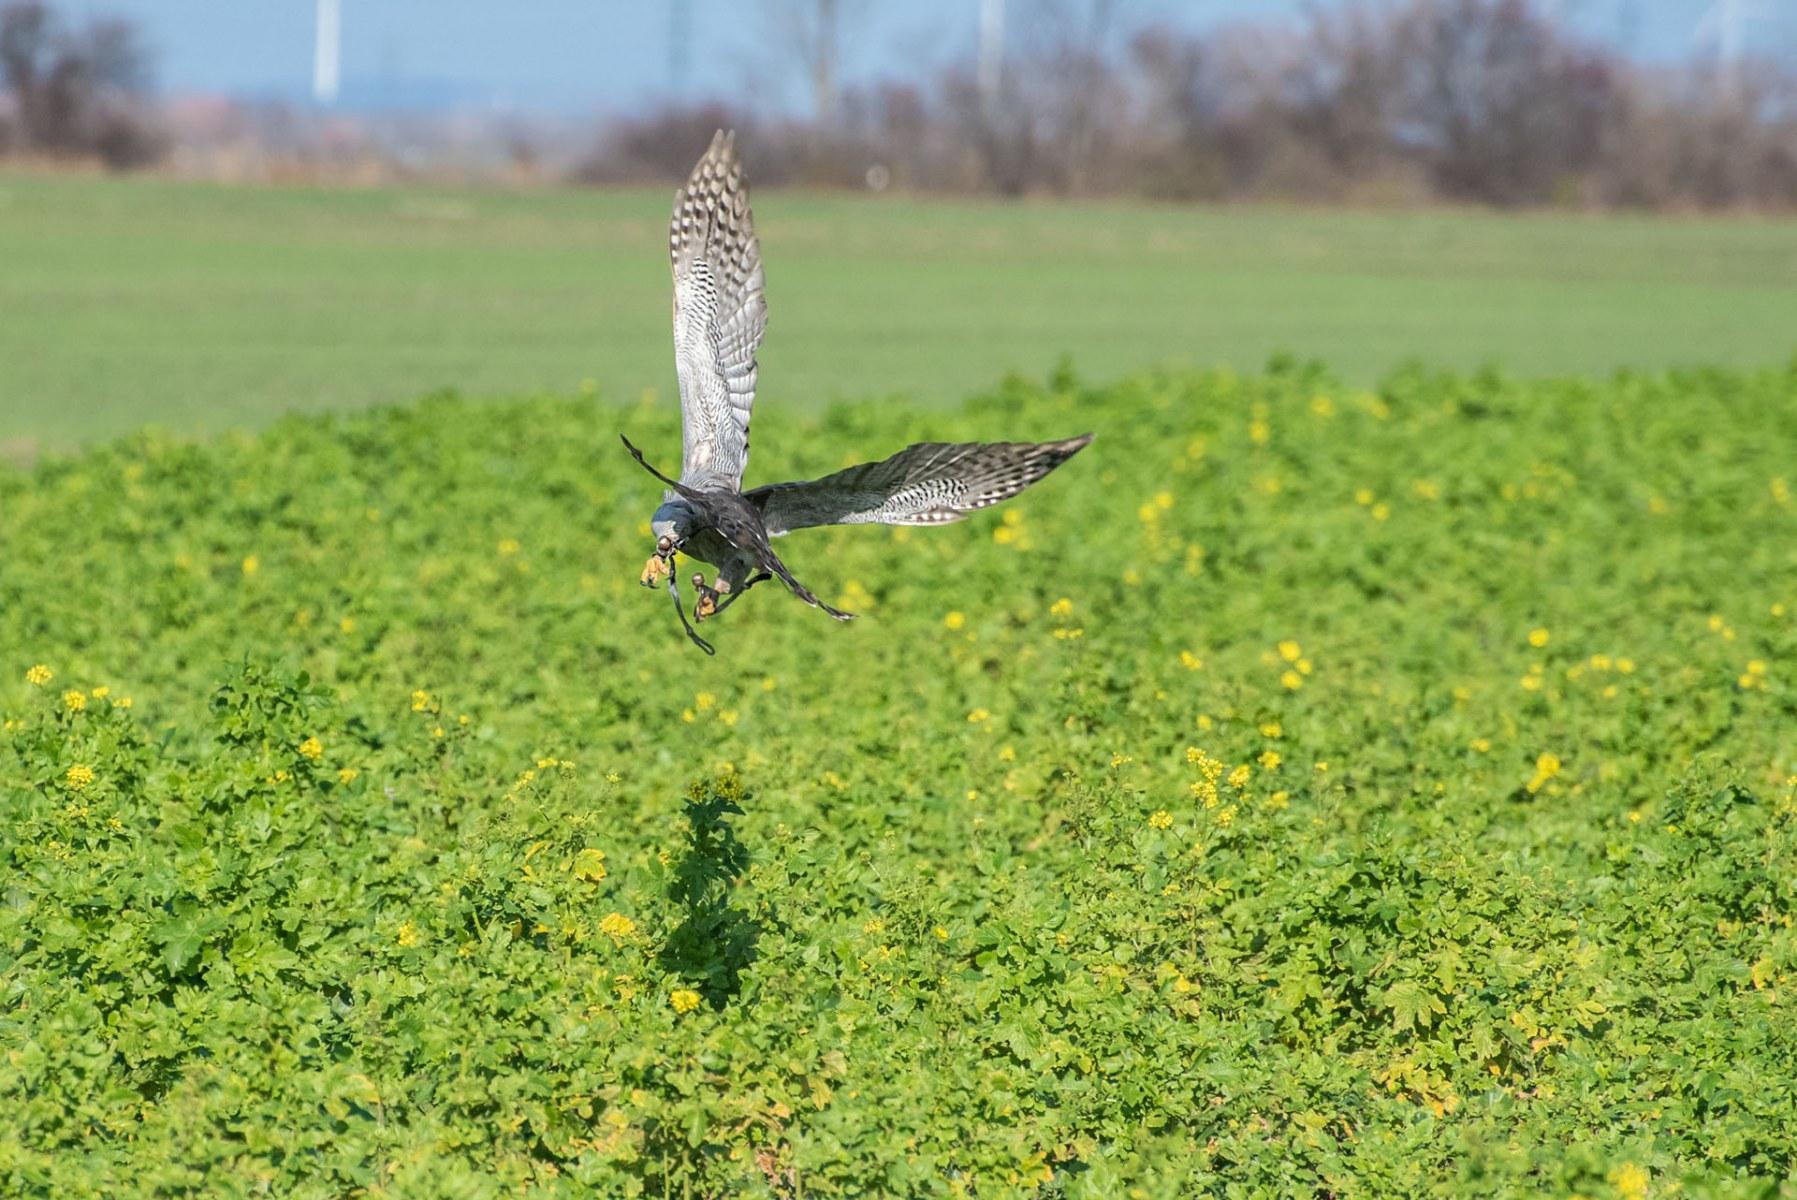 Jagdflug eines Althabichts